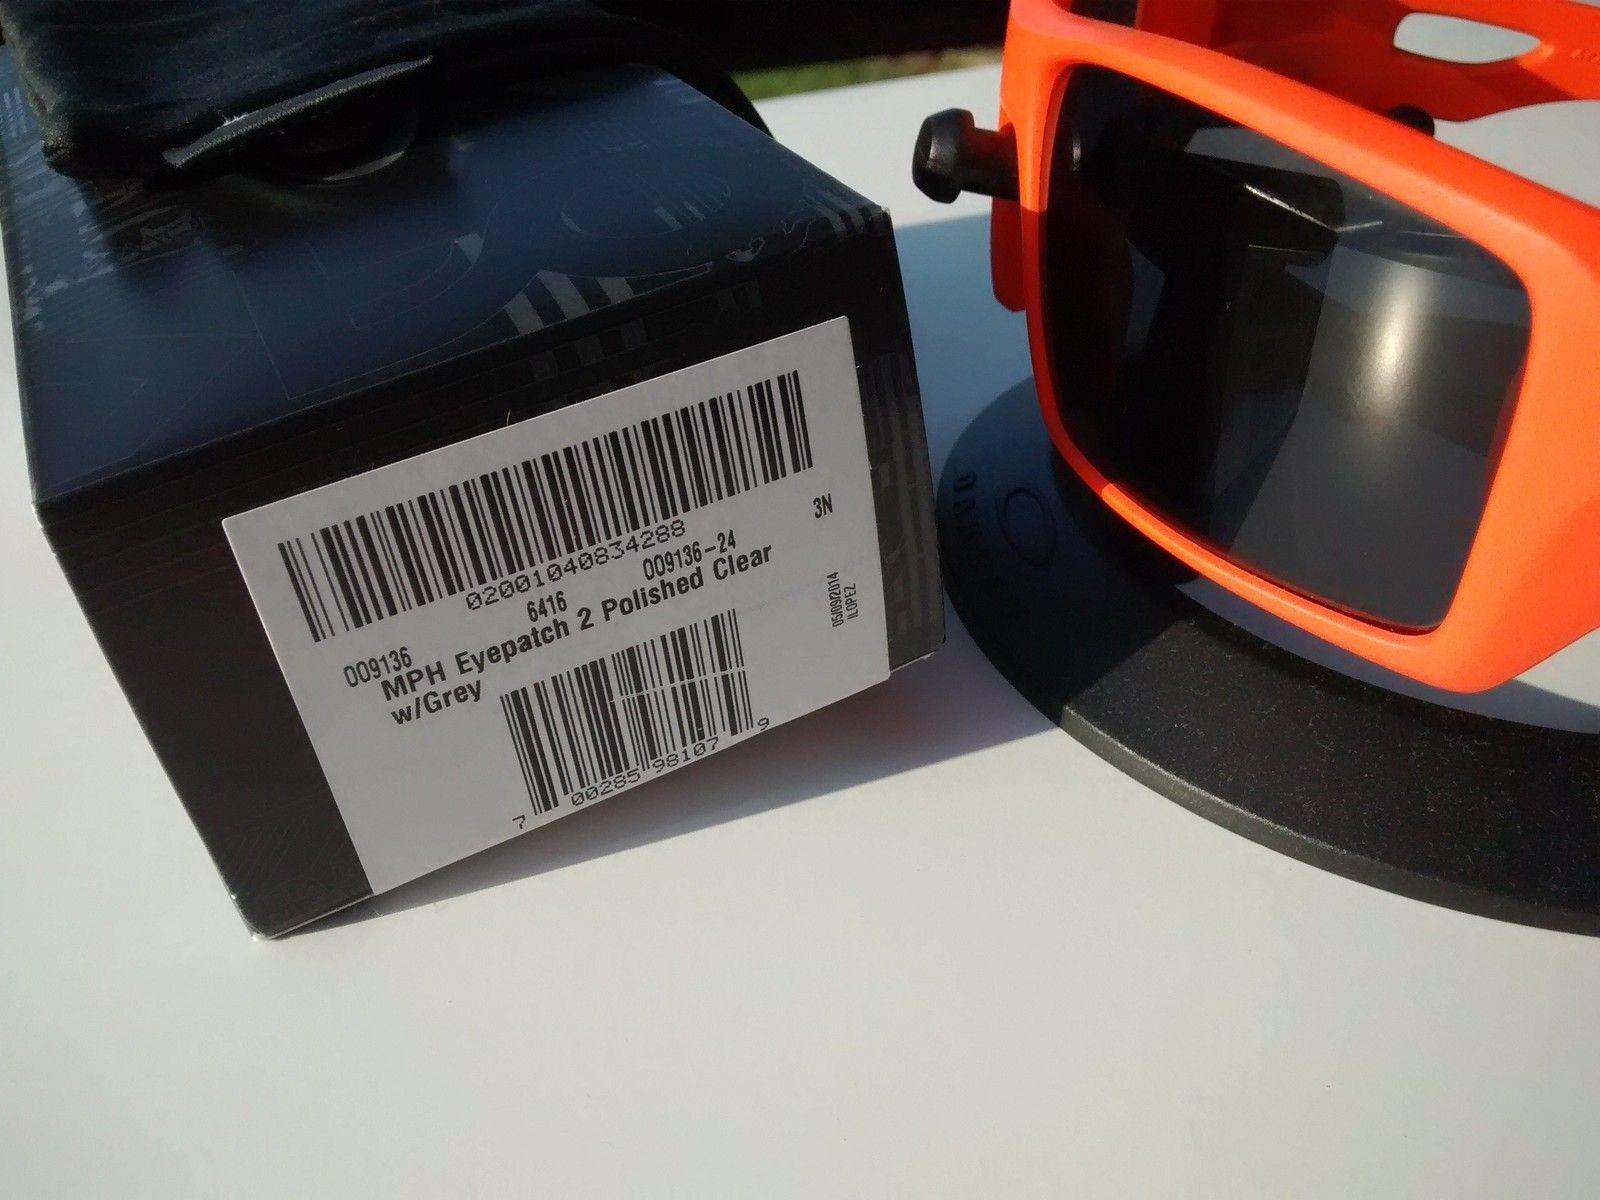 Safety Orange Cerakote Eyepatch 2 - GnF8Gmv.jpg